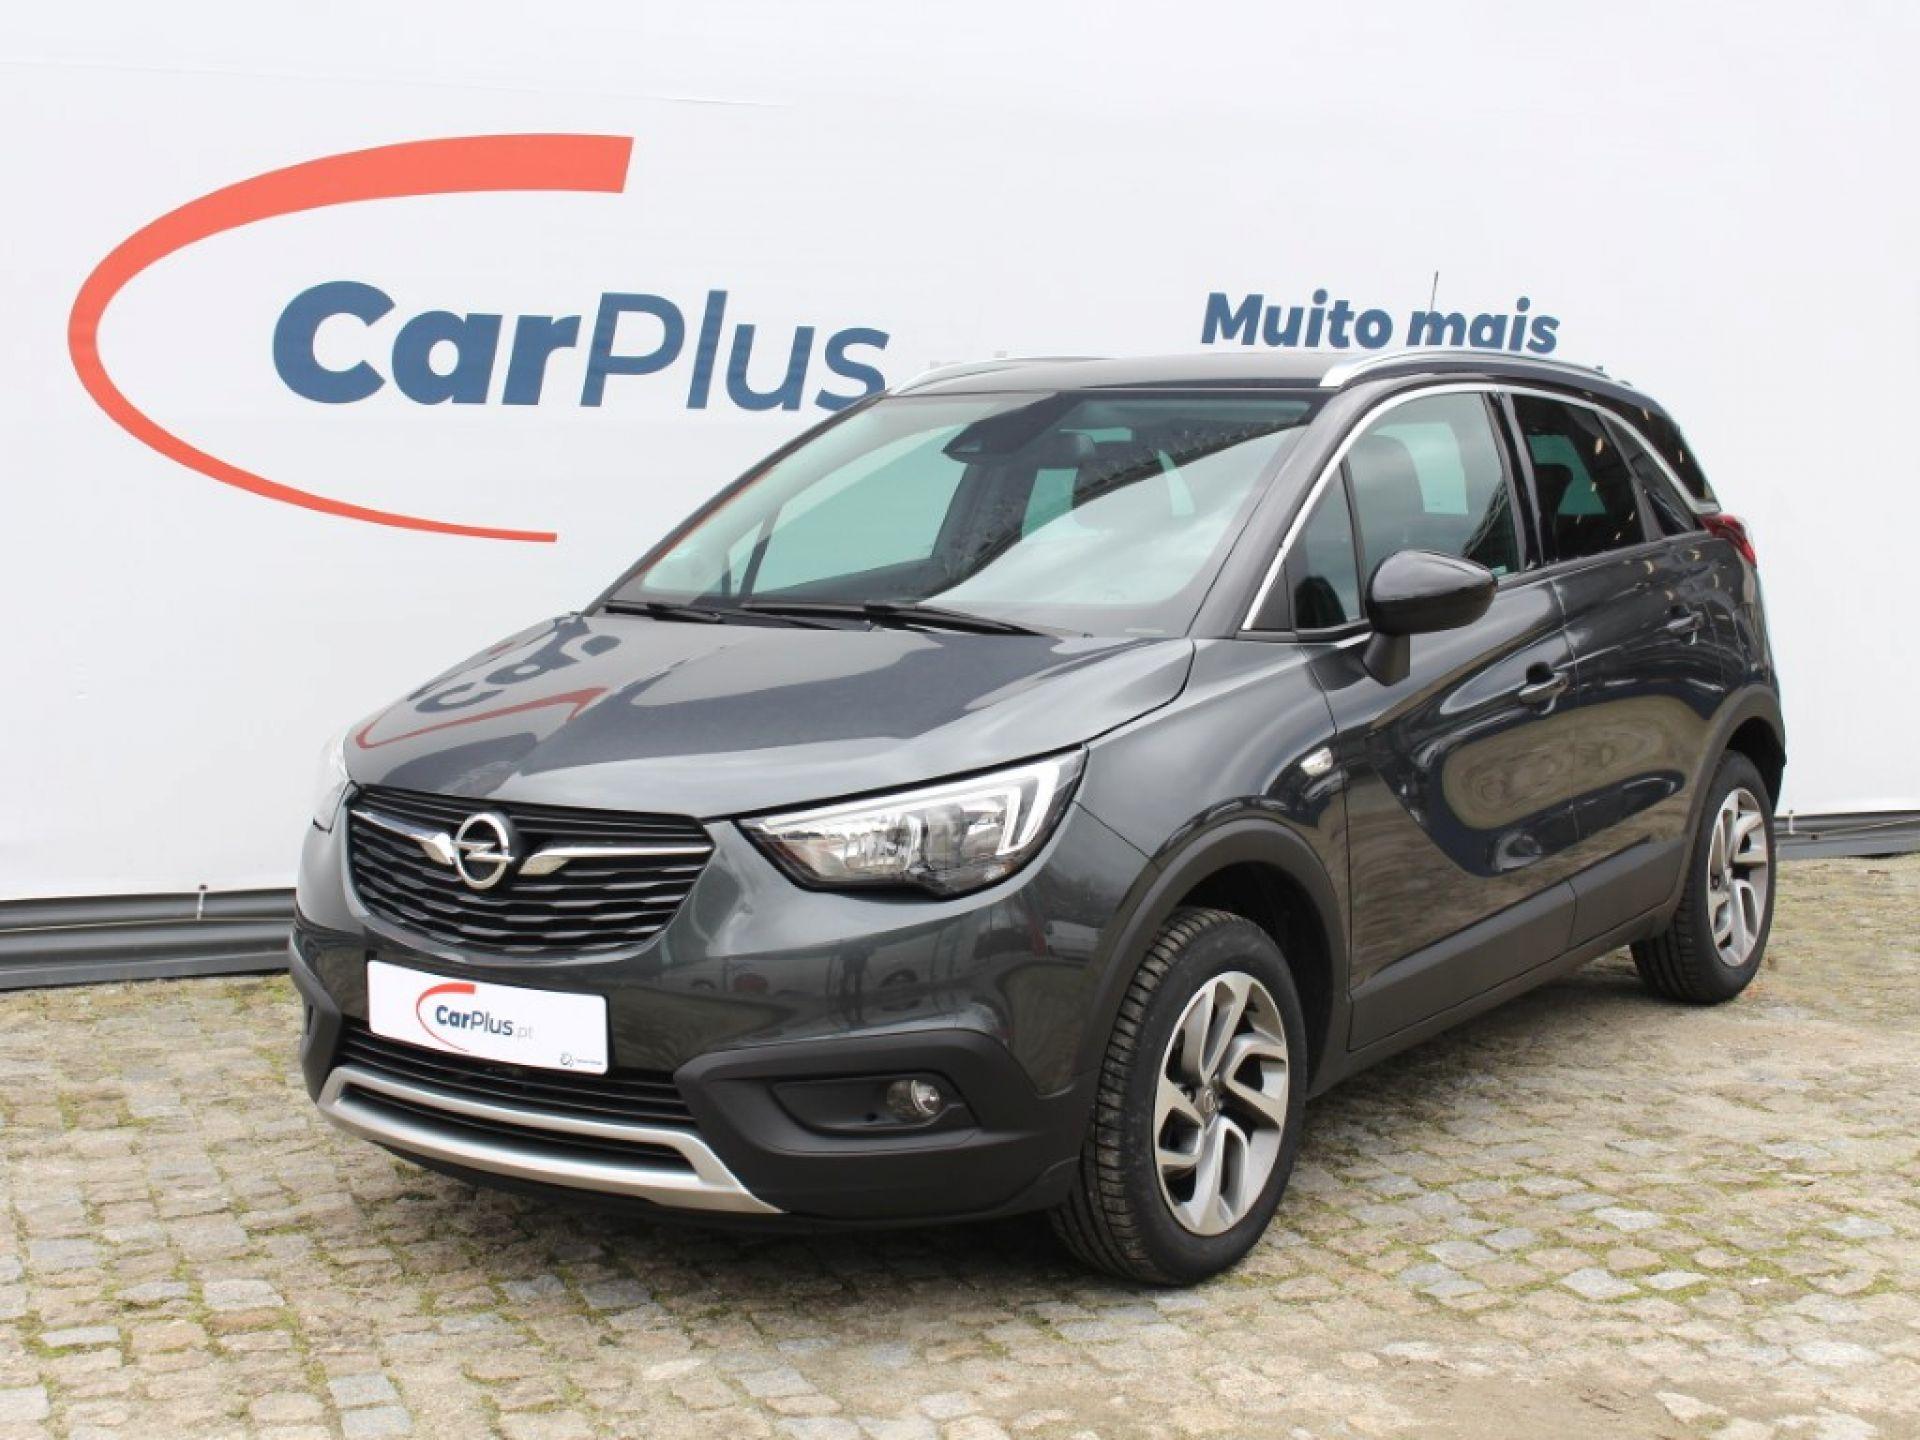 Opel Crossland X 1.6CDTi 120cv S/S Innovation segunda mão Porto